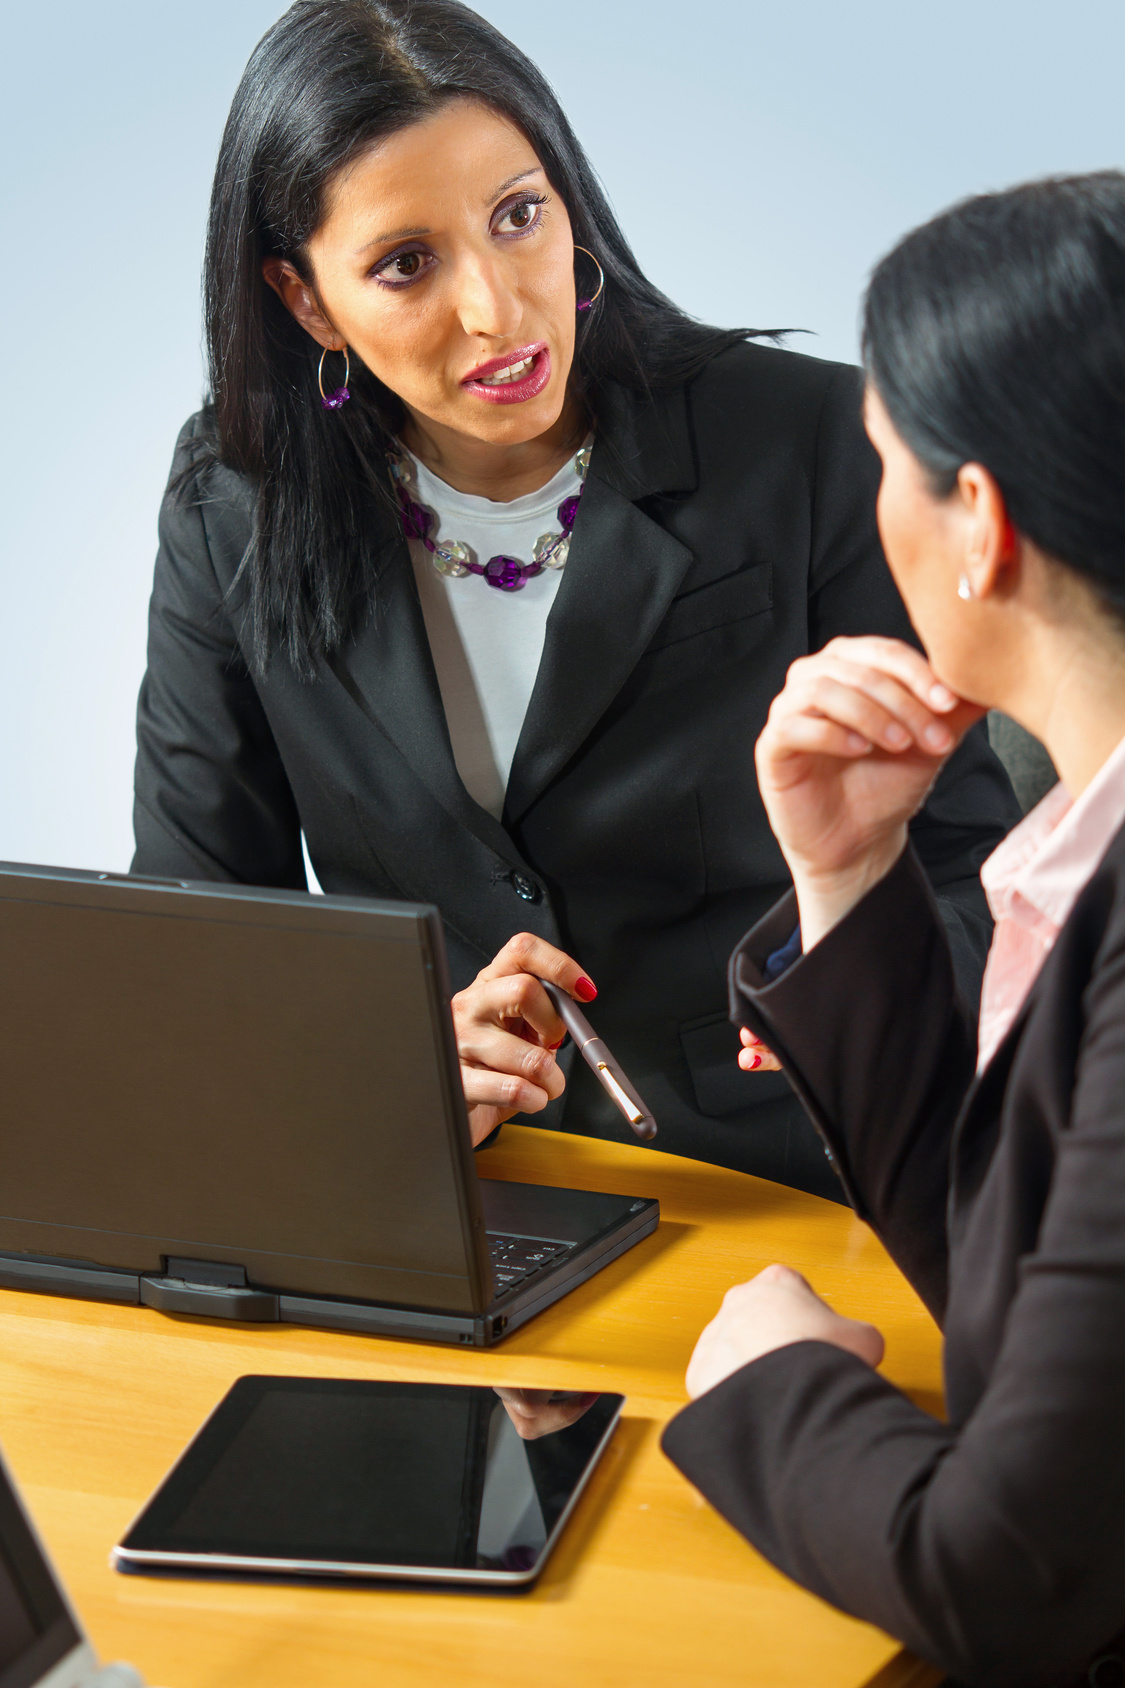 profil et r u00e9mun u00e9ration du conseiller client u00e8le assurance